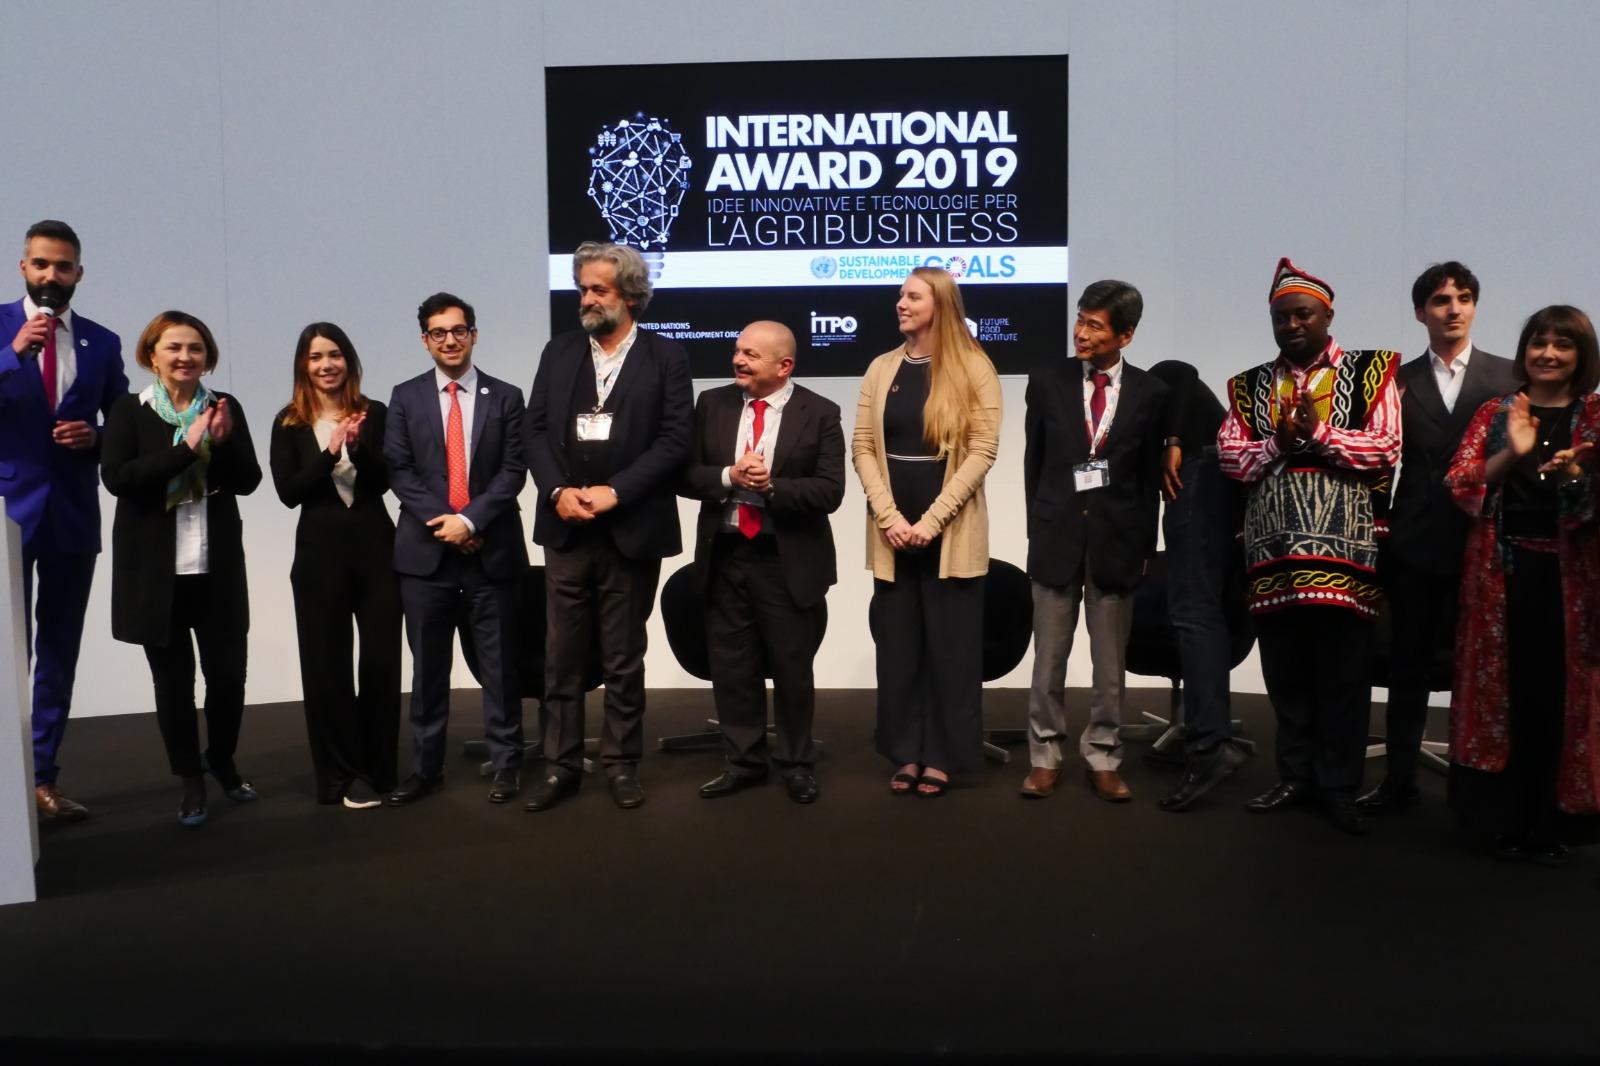 Agritech & Food Innovation: in Exco la cerimonia di premiazione ufficiale della terza edizione dell'UNIDO ITPO Italy International Award